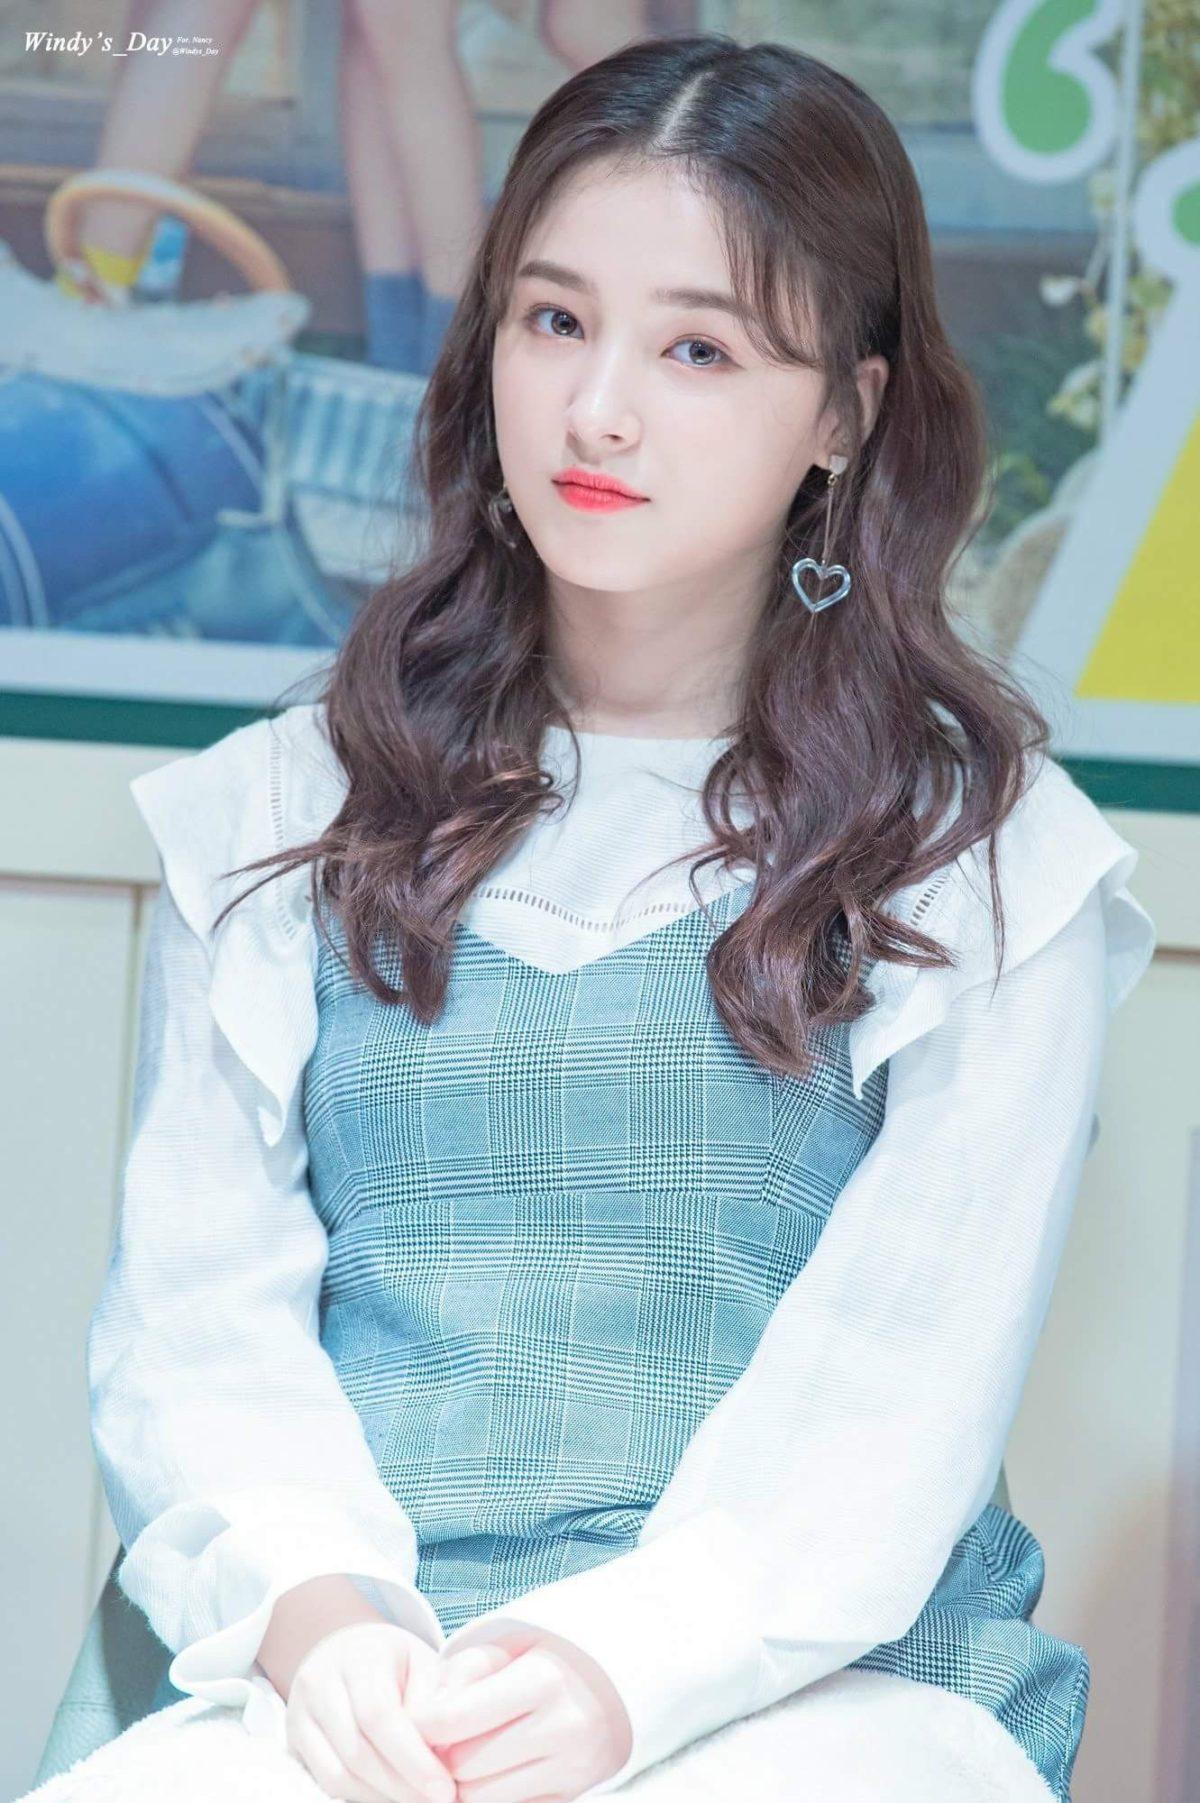 Pin by Vị Nam Tràng on nancy   Pinterest   Kpop and Idol